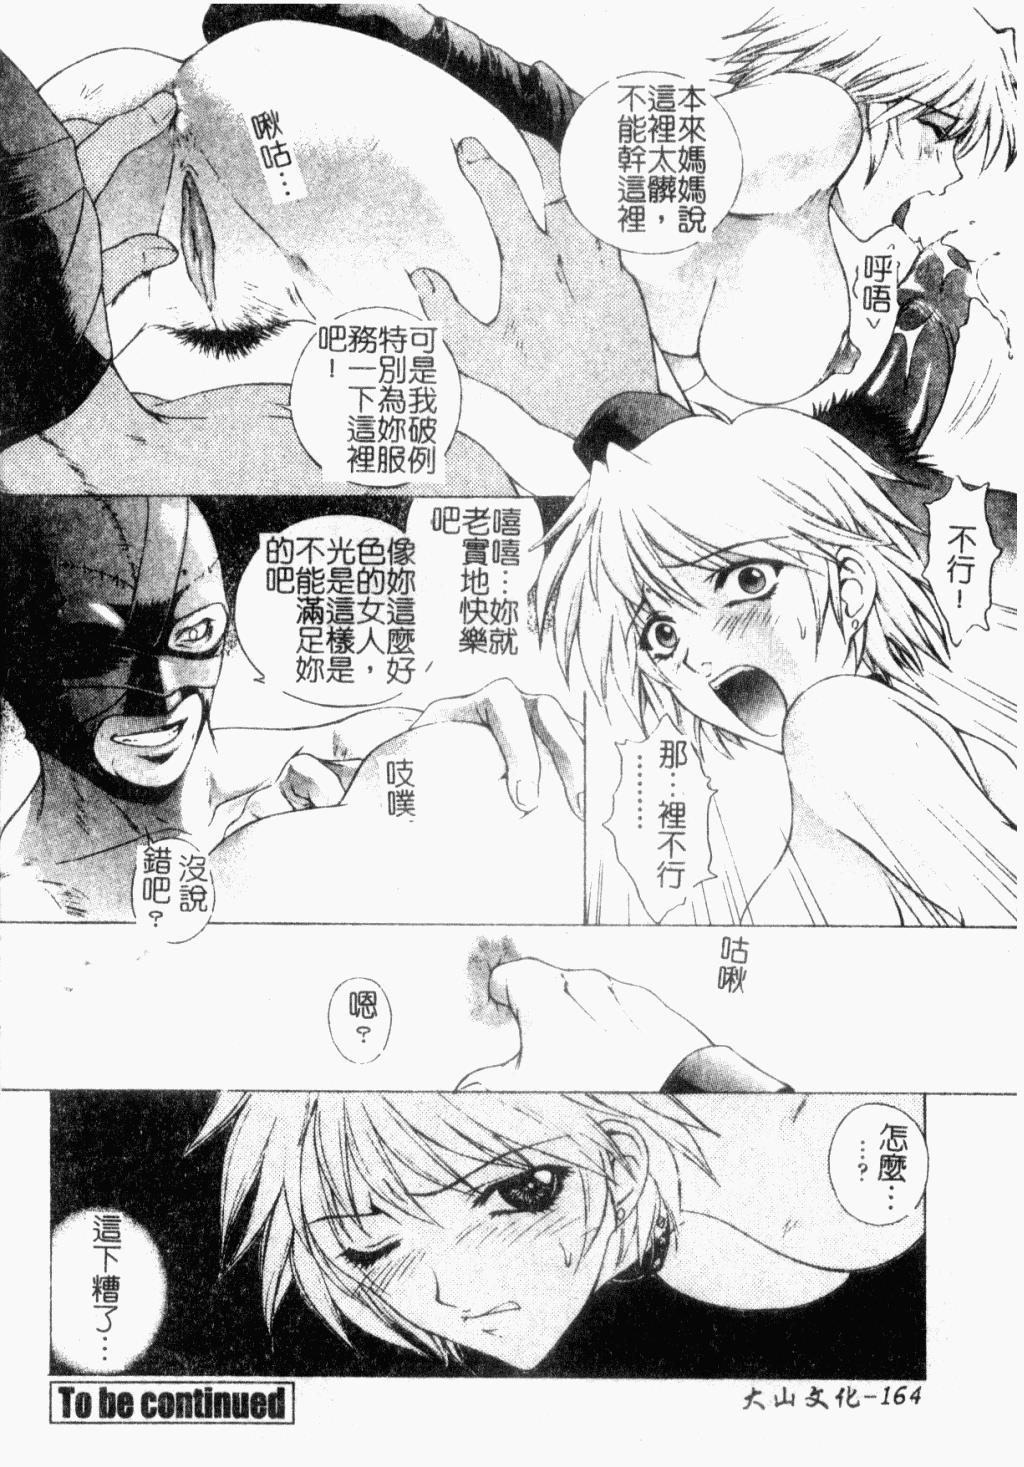 Choukyou Gakuen 2 Genteiban 163